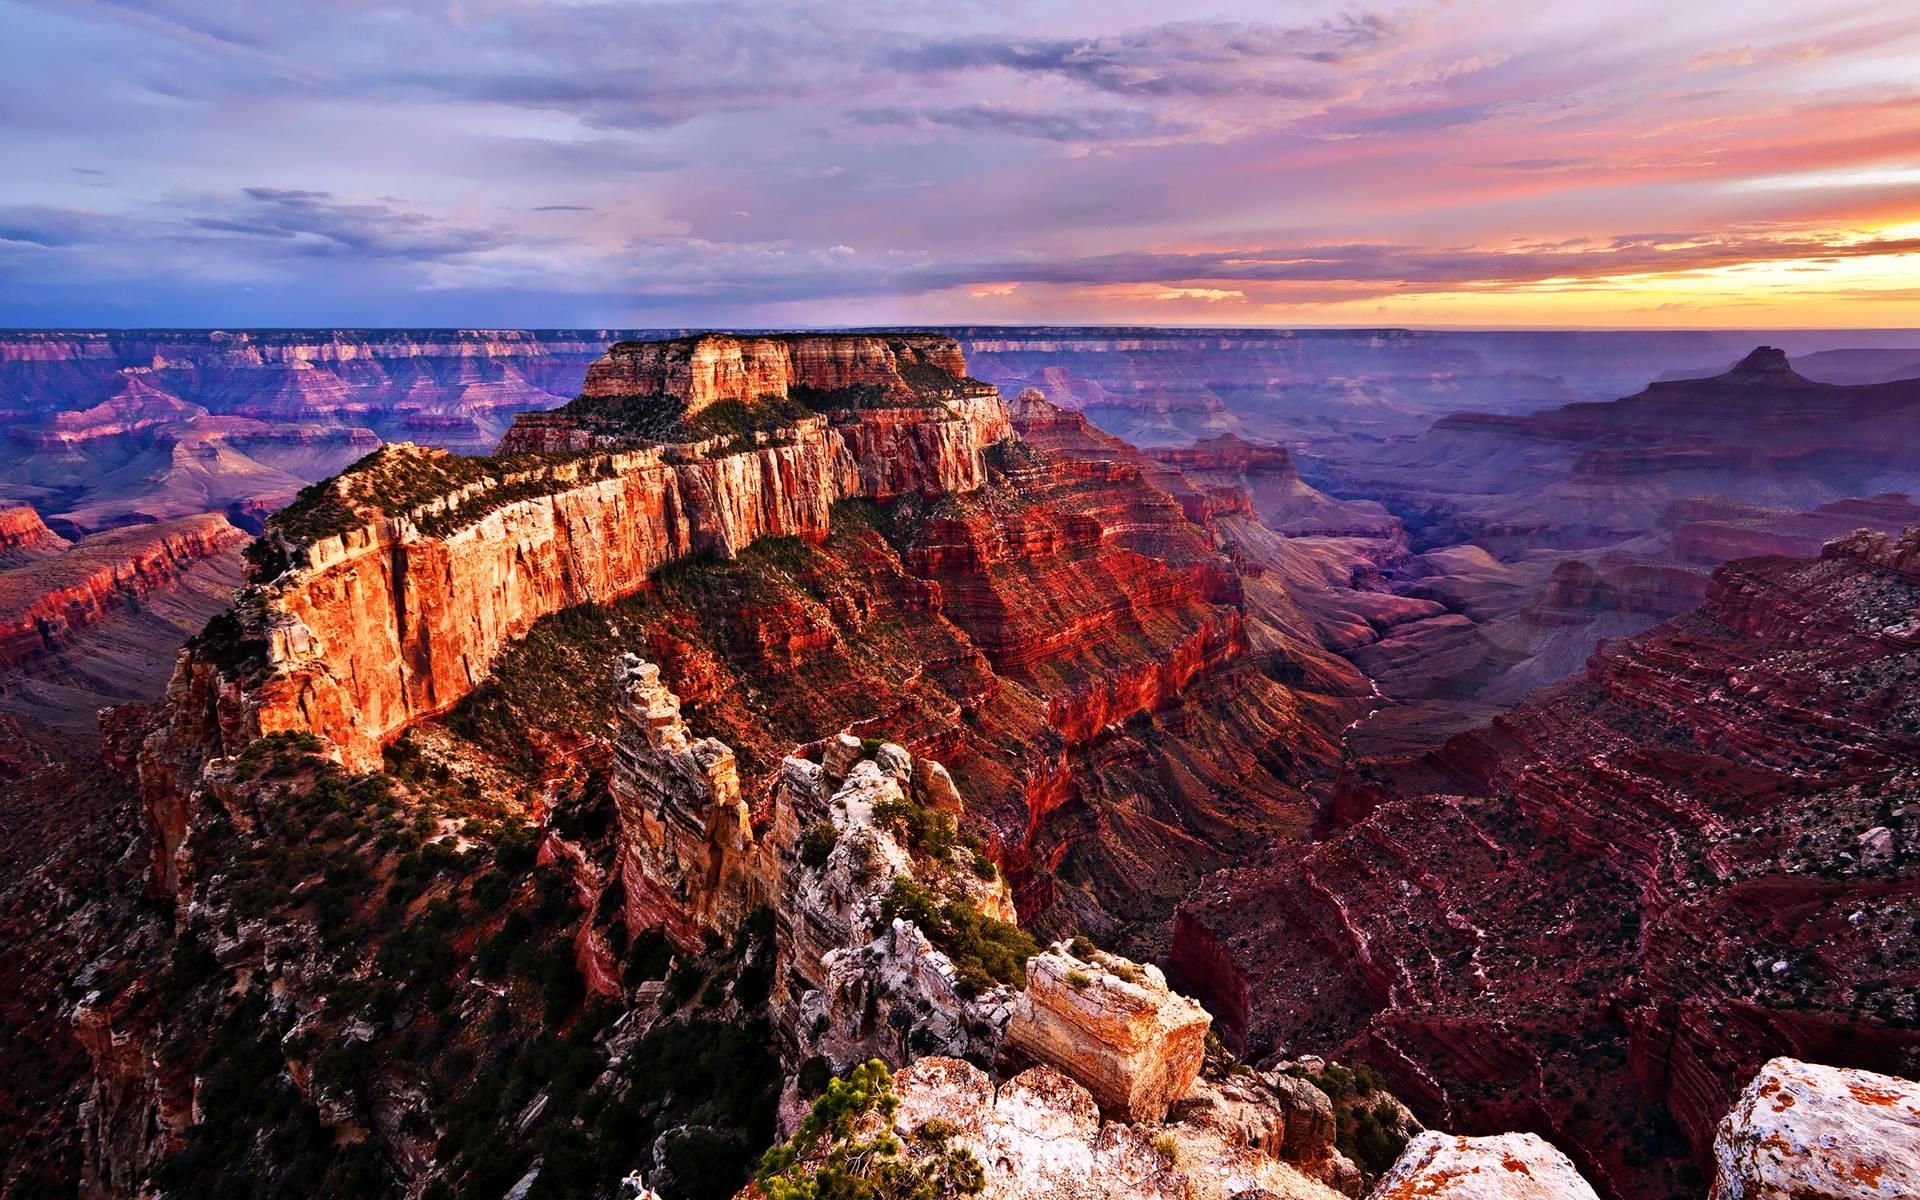 Grand Canyon clipart hd wallpaper Wallfoy Wallpaper Cave Canyon Wallpapers